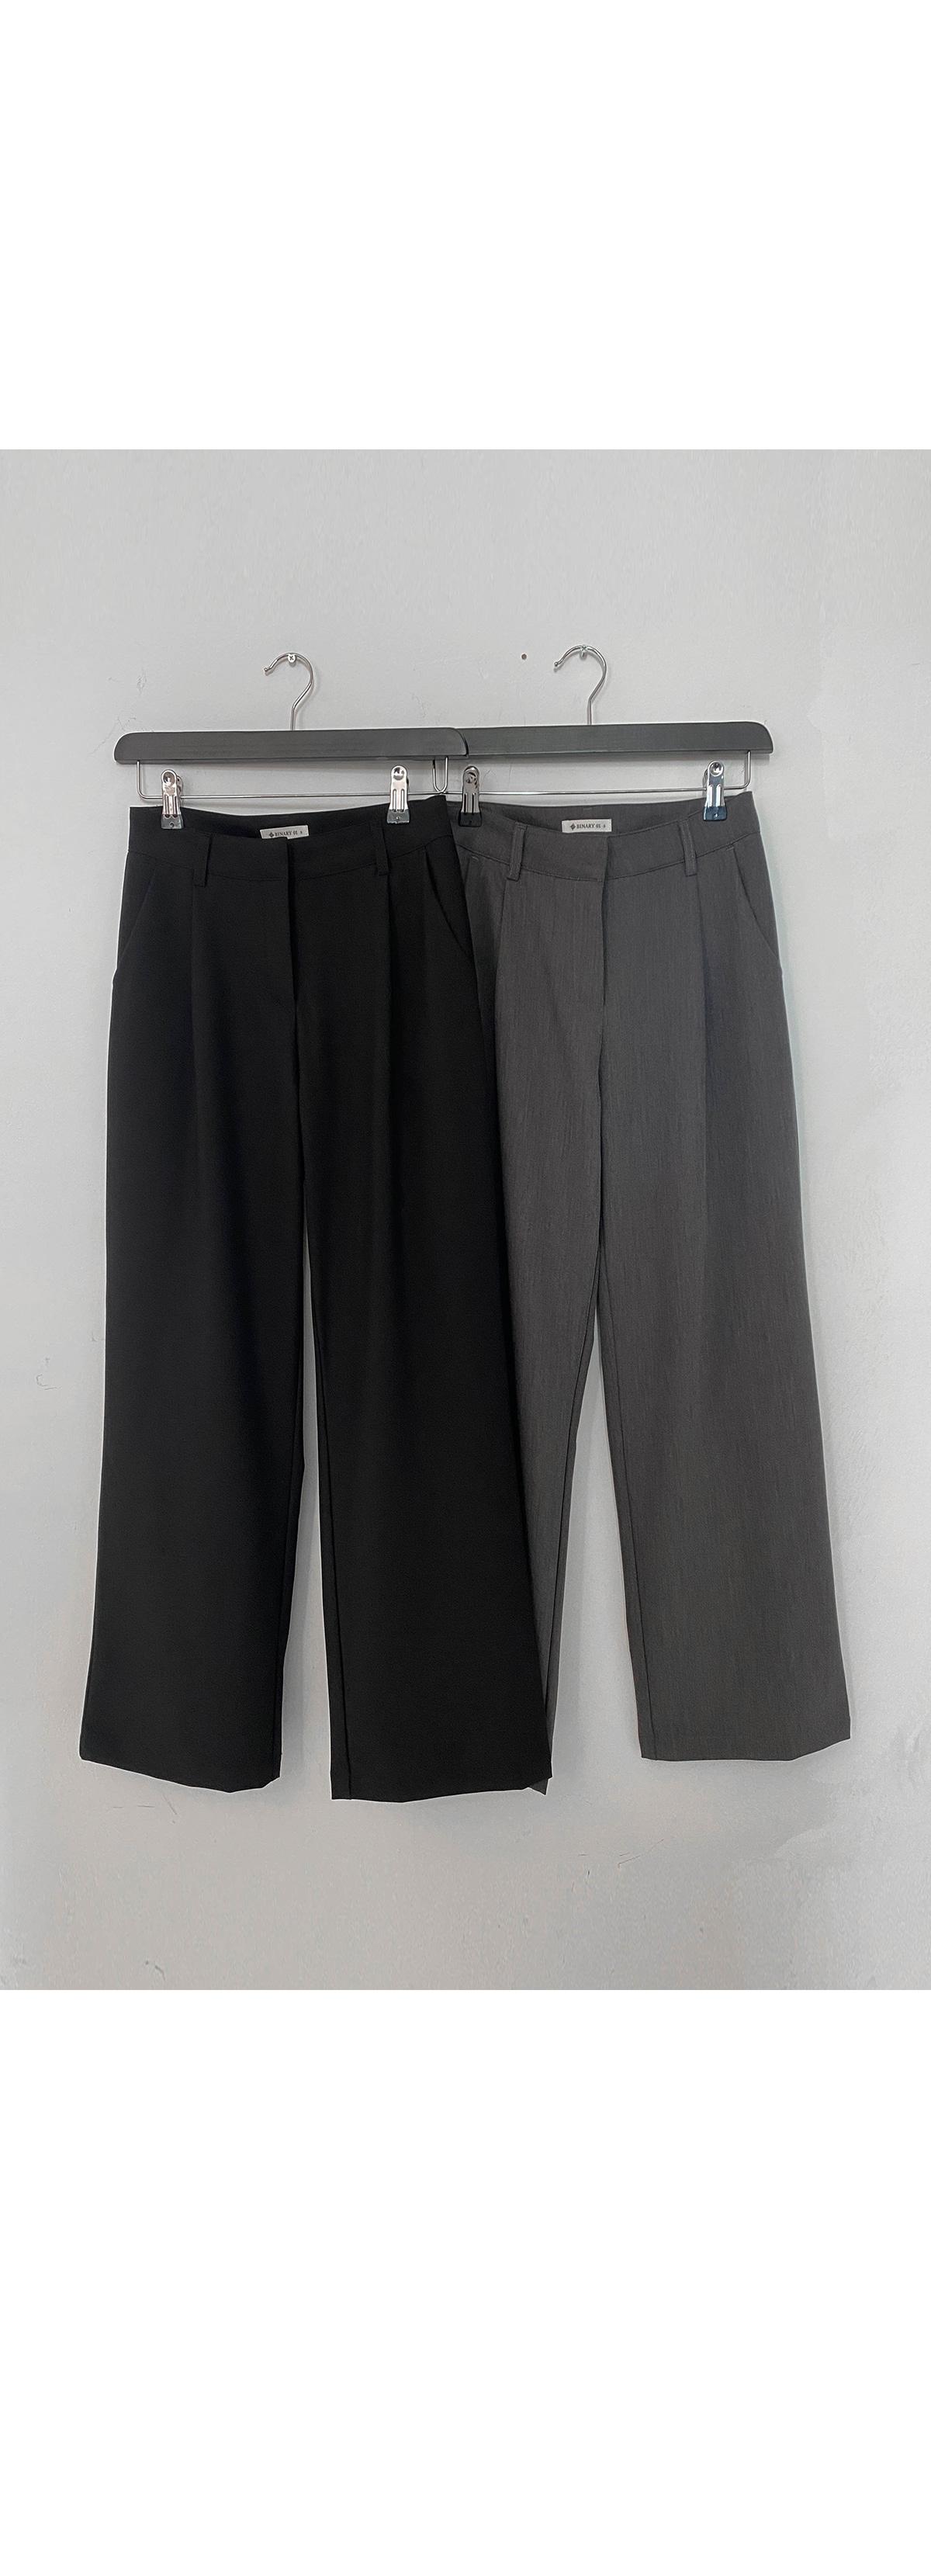 Laka slacks pants